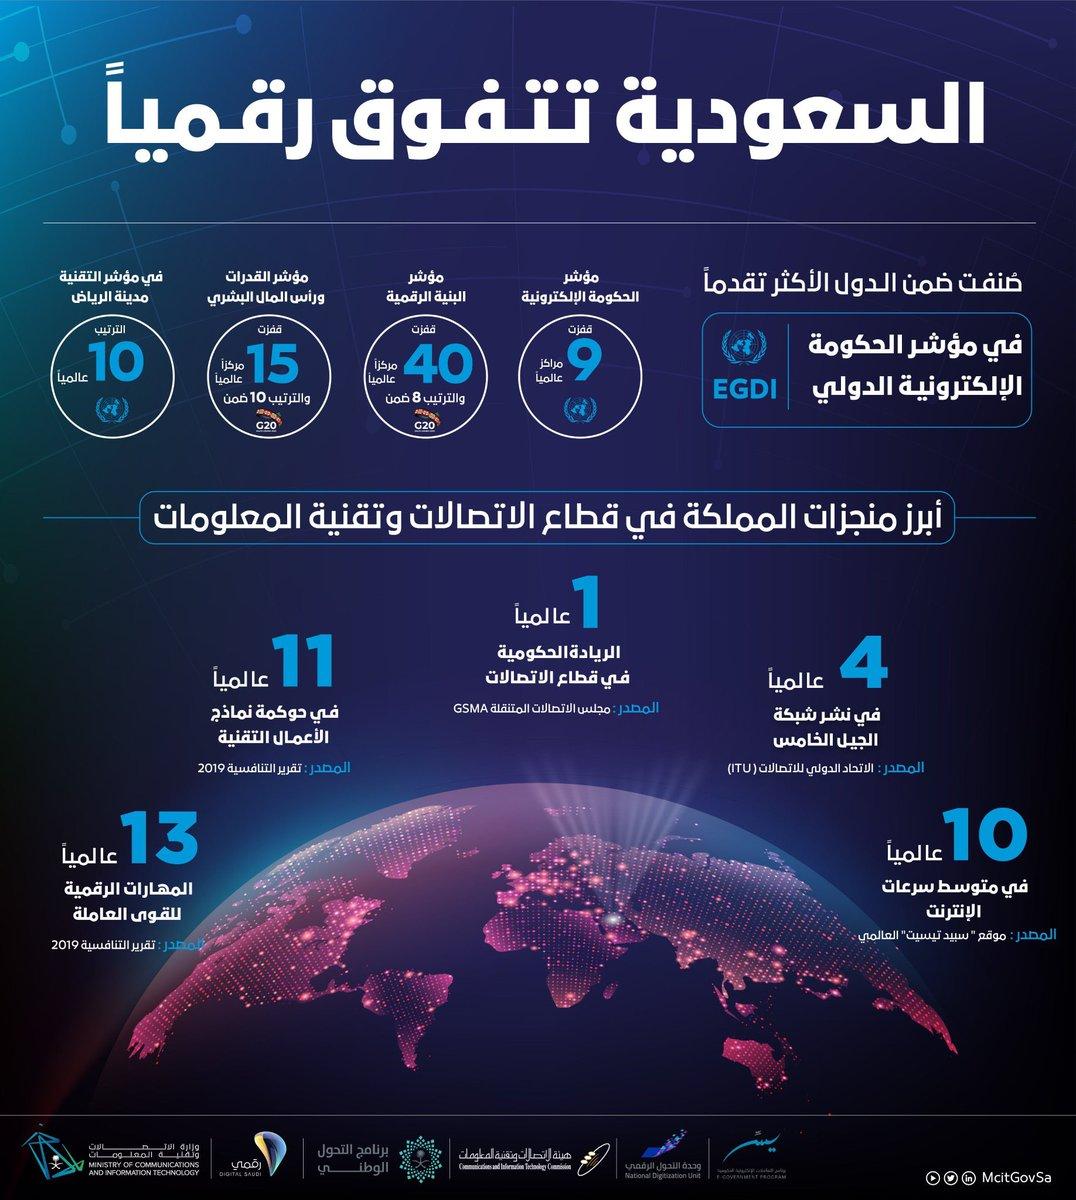 بتوفيق من الله، ثم بدعم لامحدود من ولاة الامر، وجهود مميزة من أبطال التحول الرقمي في كافة القطاعات، واستثمارات أستثنائية في تطوير البنية الرقمية  #السعودية_تتفوق_رقمياً  ومستمرون في رحلة التمكين لوطن رقمي طموح   🇸🇦🇸🇦🇸🇦 https://t.co/j07EeYJme9